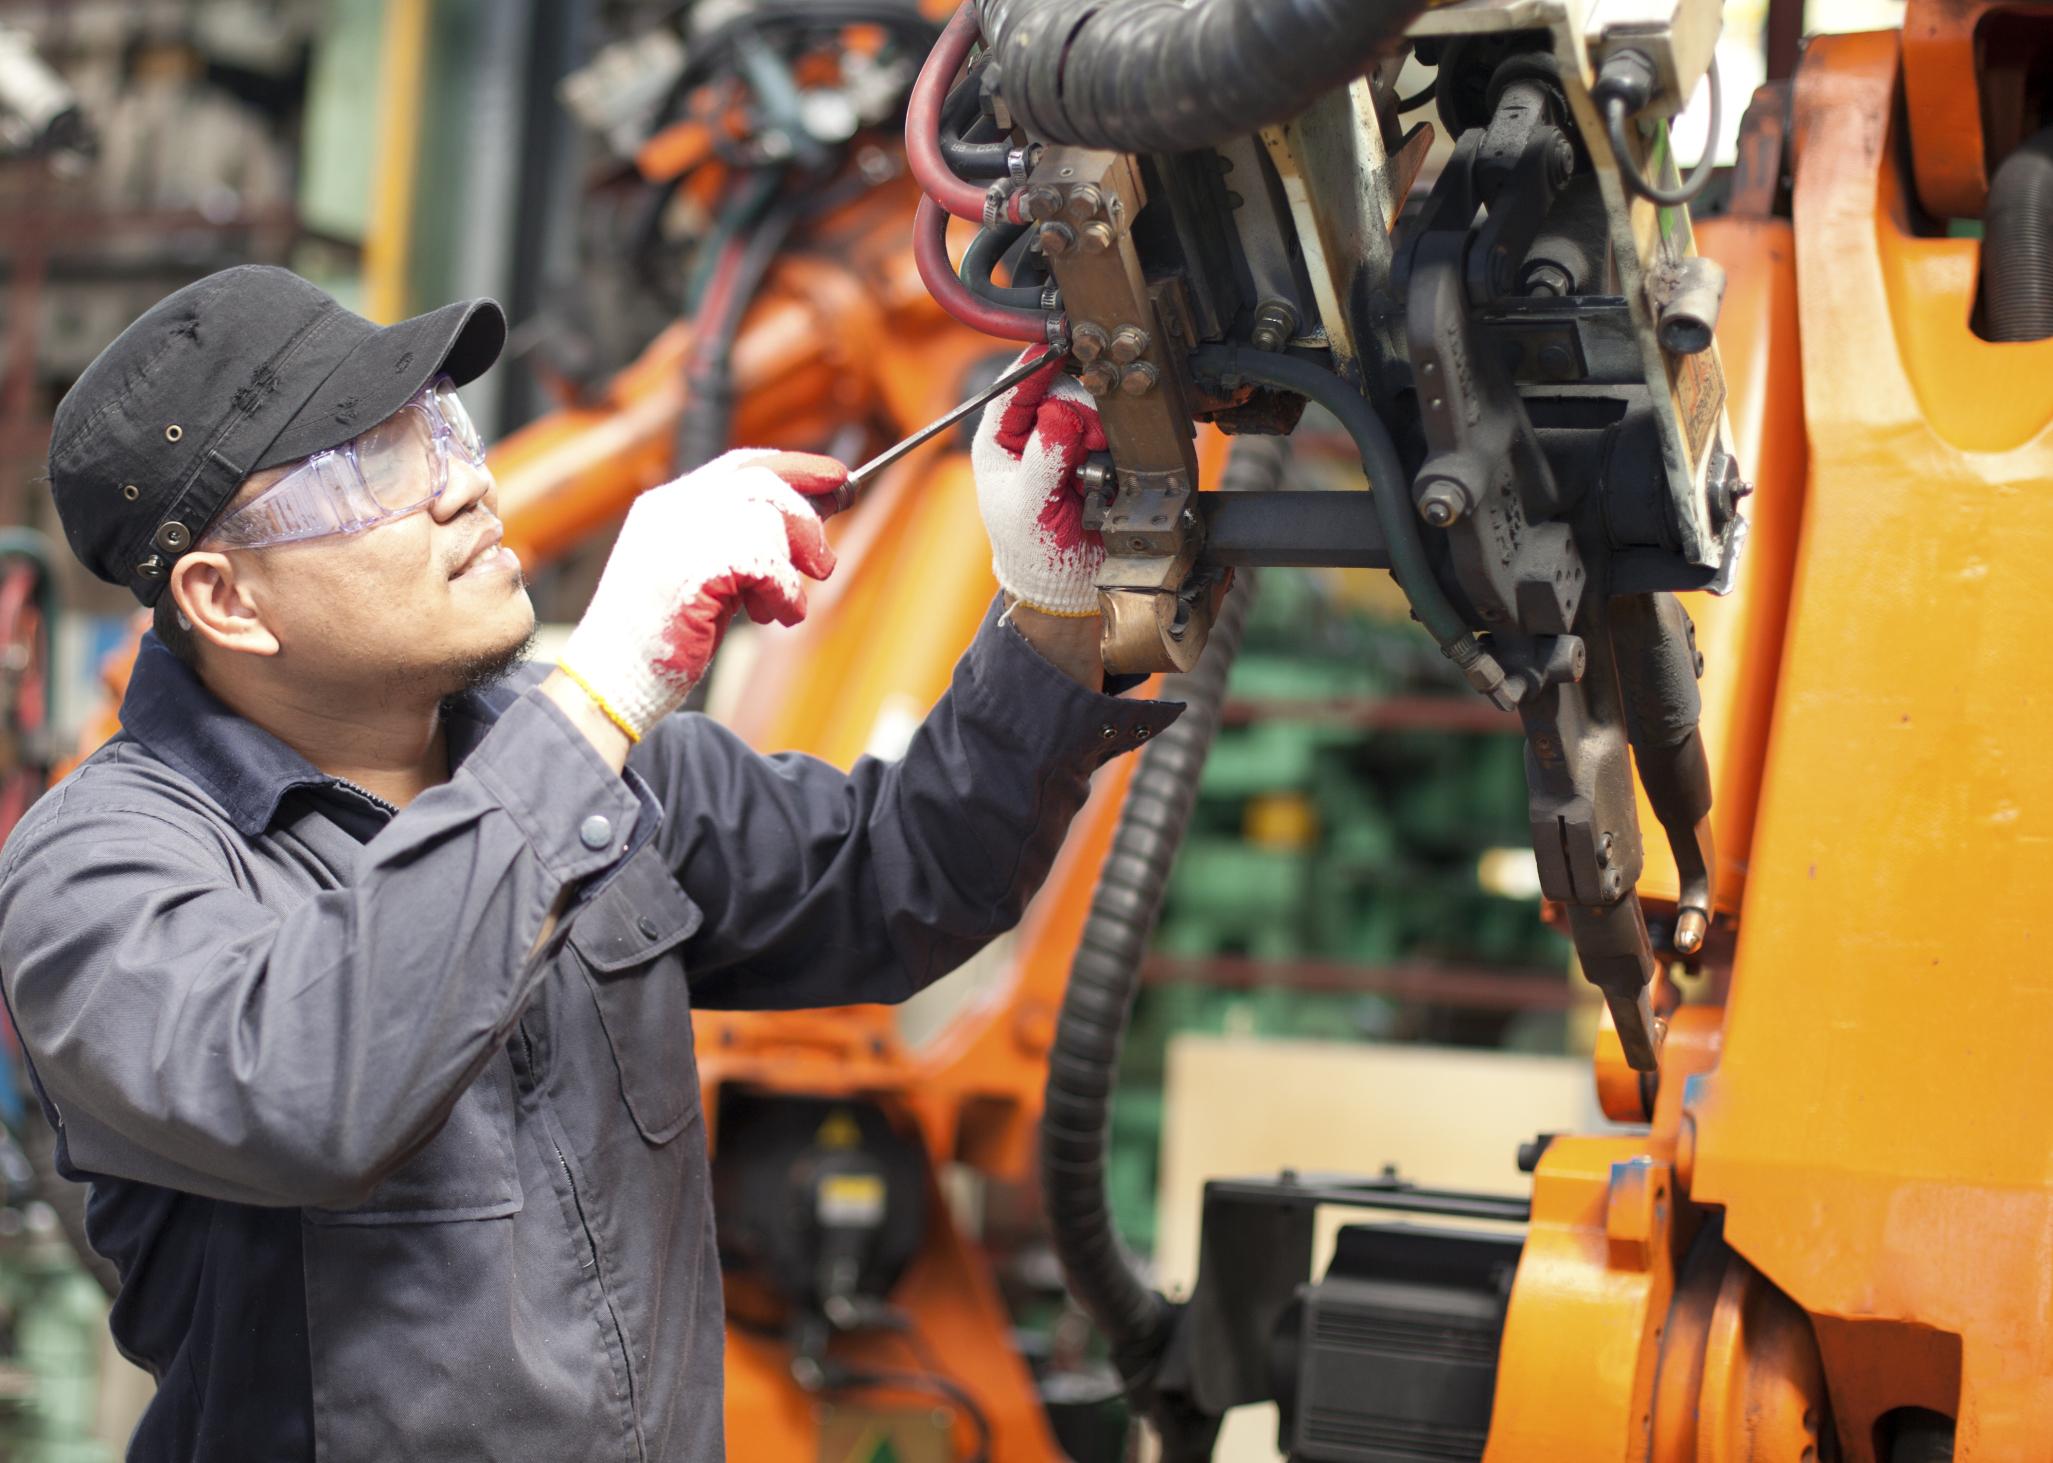 1,4 million d'emplois sont àpourvoir d'ici 2021 dont une grande partie nécessite un savoir-faire technique  Le taux de diplomation de la formation professionnelle est de seulement 14% au Québec !(contre94% en Finlande, 85%aux Pays-Bas et 76%en Autriche)